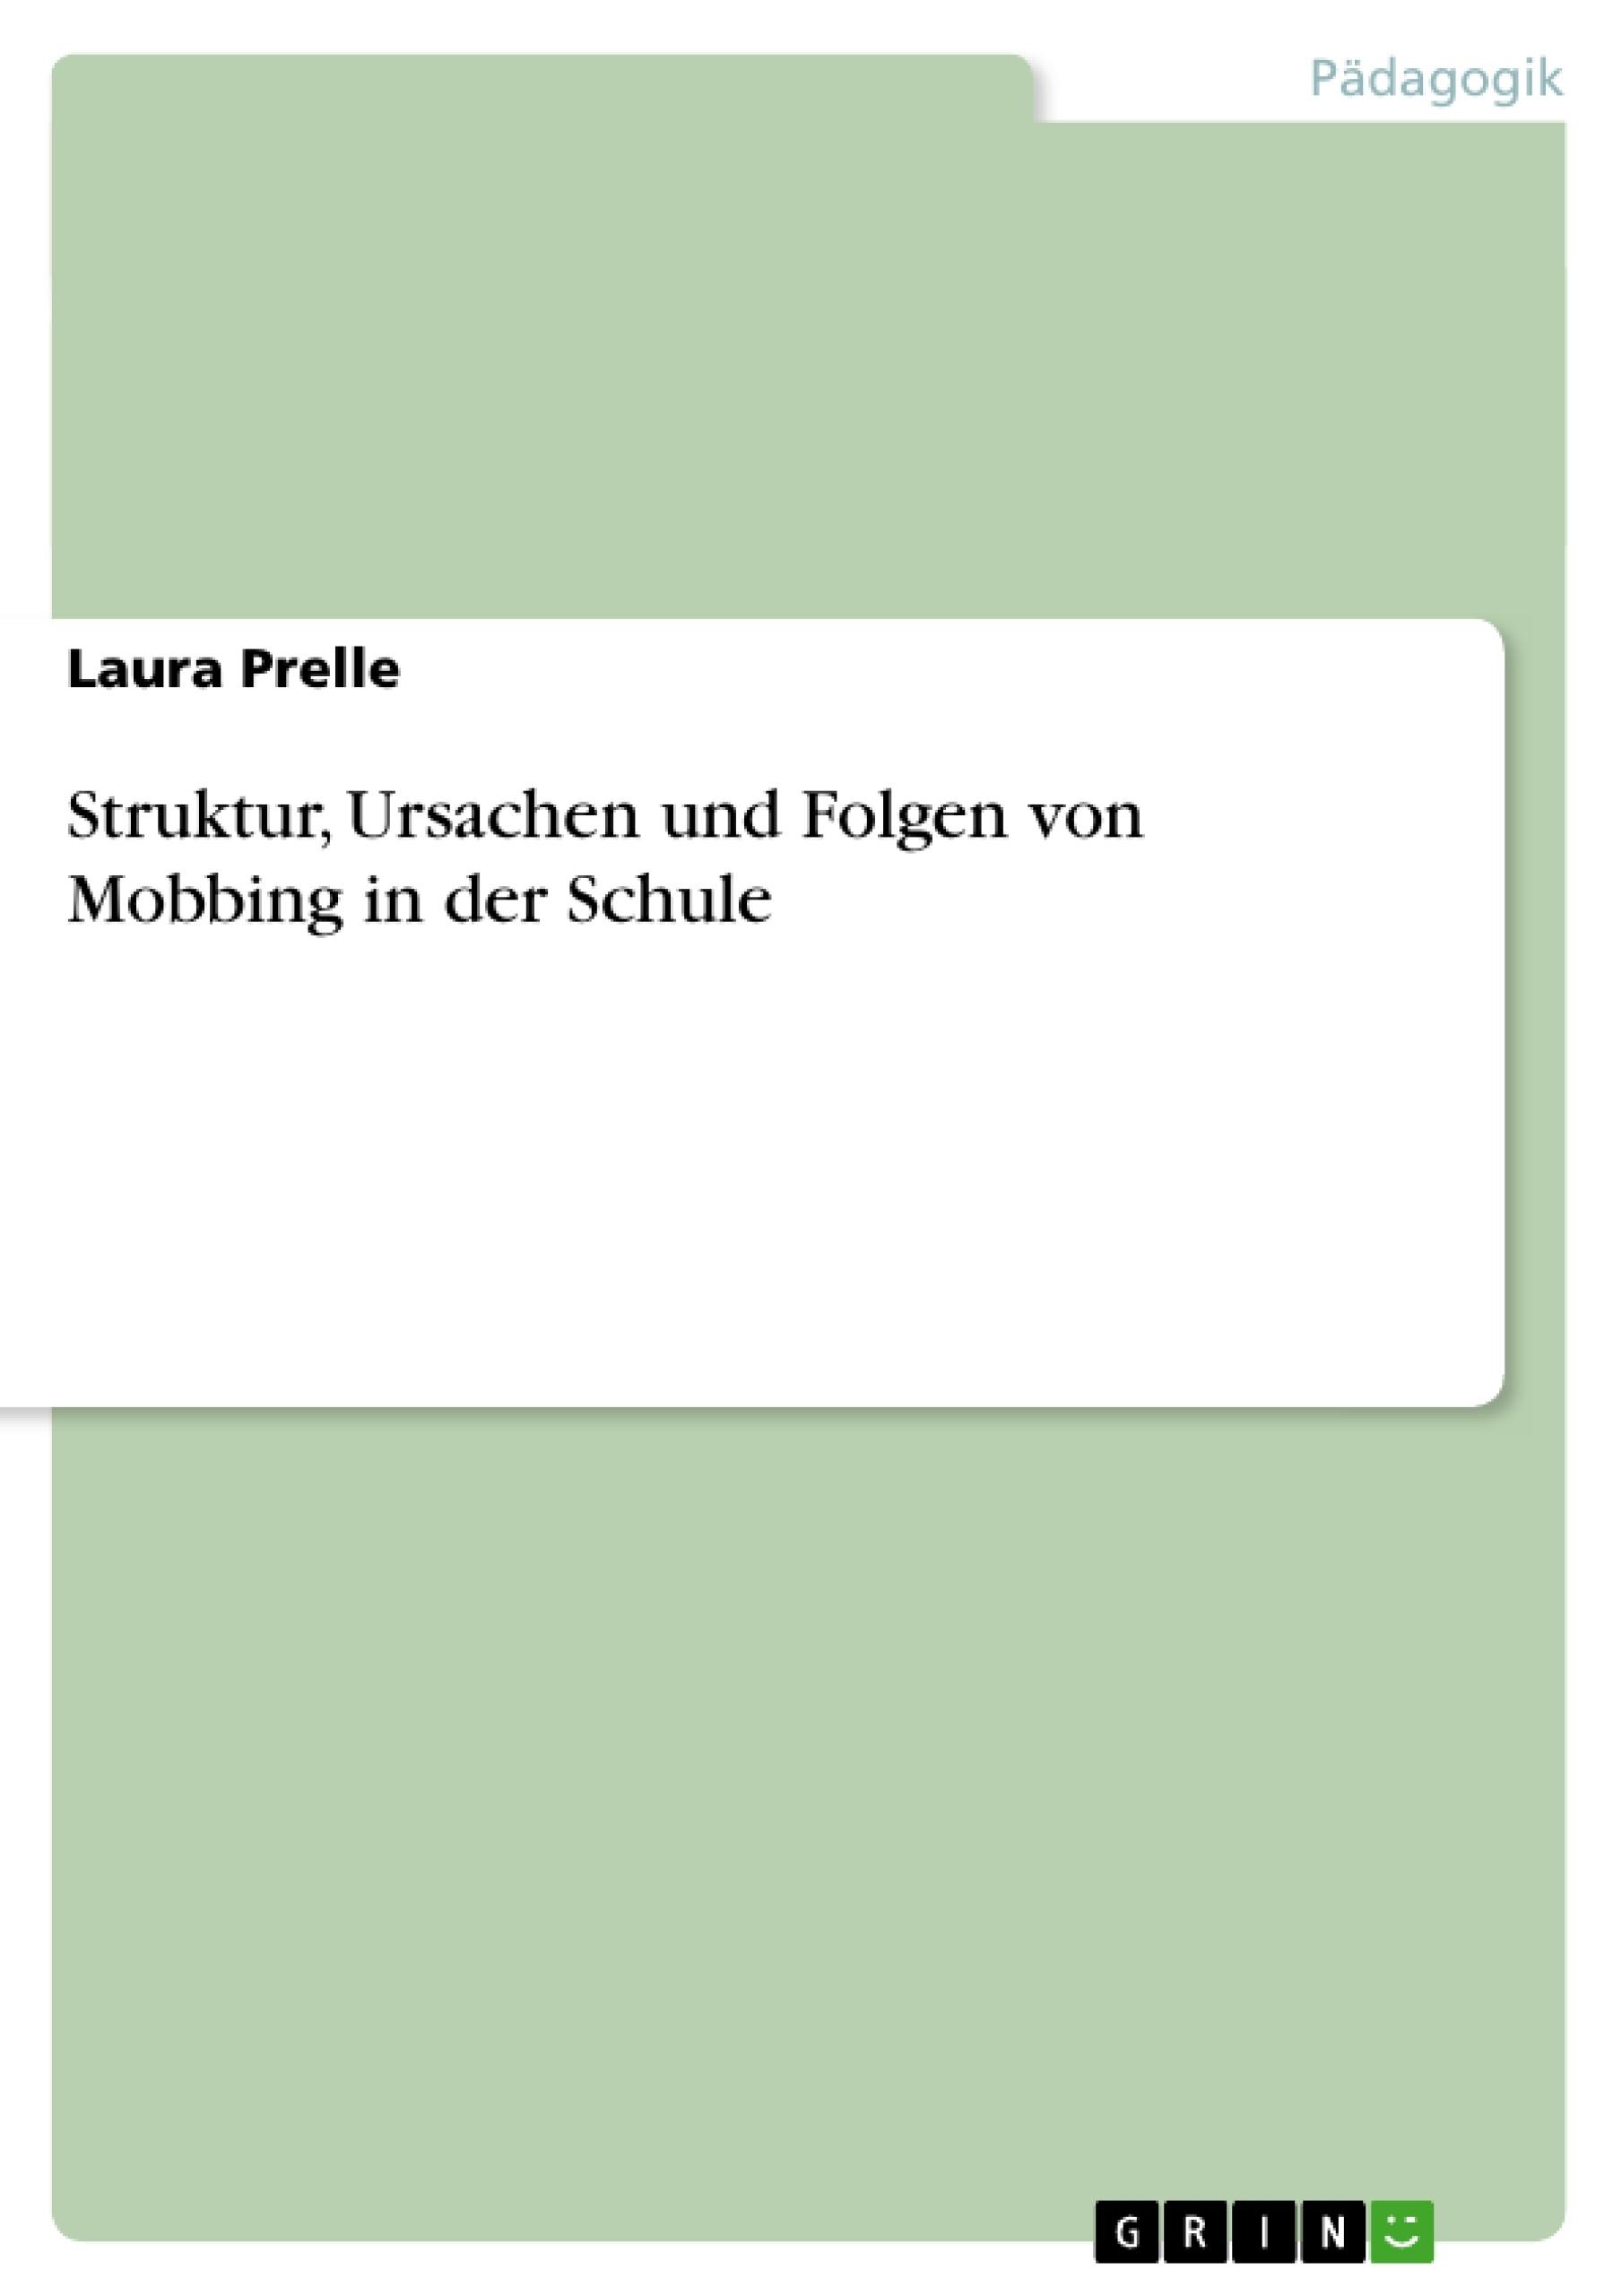 Titel: Struktur, Ursachen und Folgen von Mobbing in der Schule